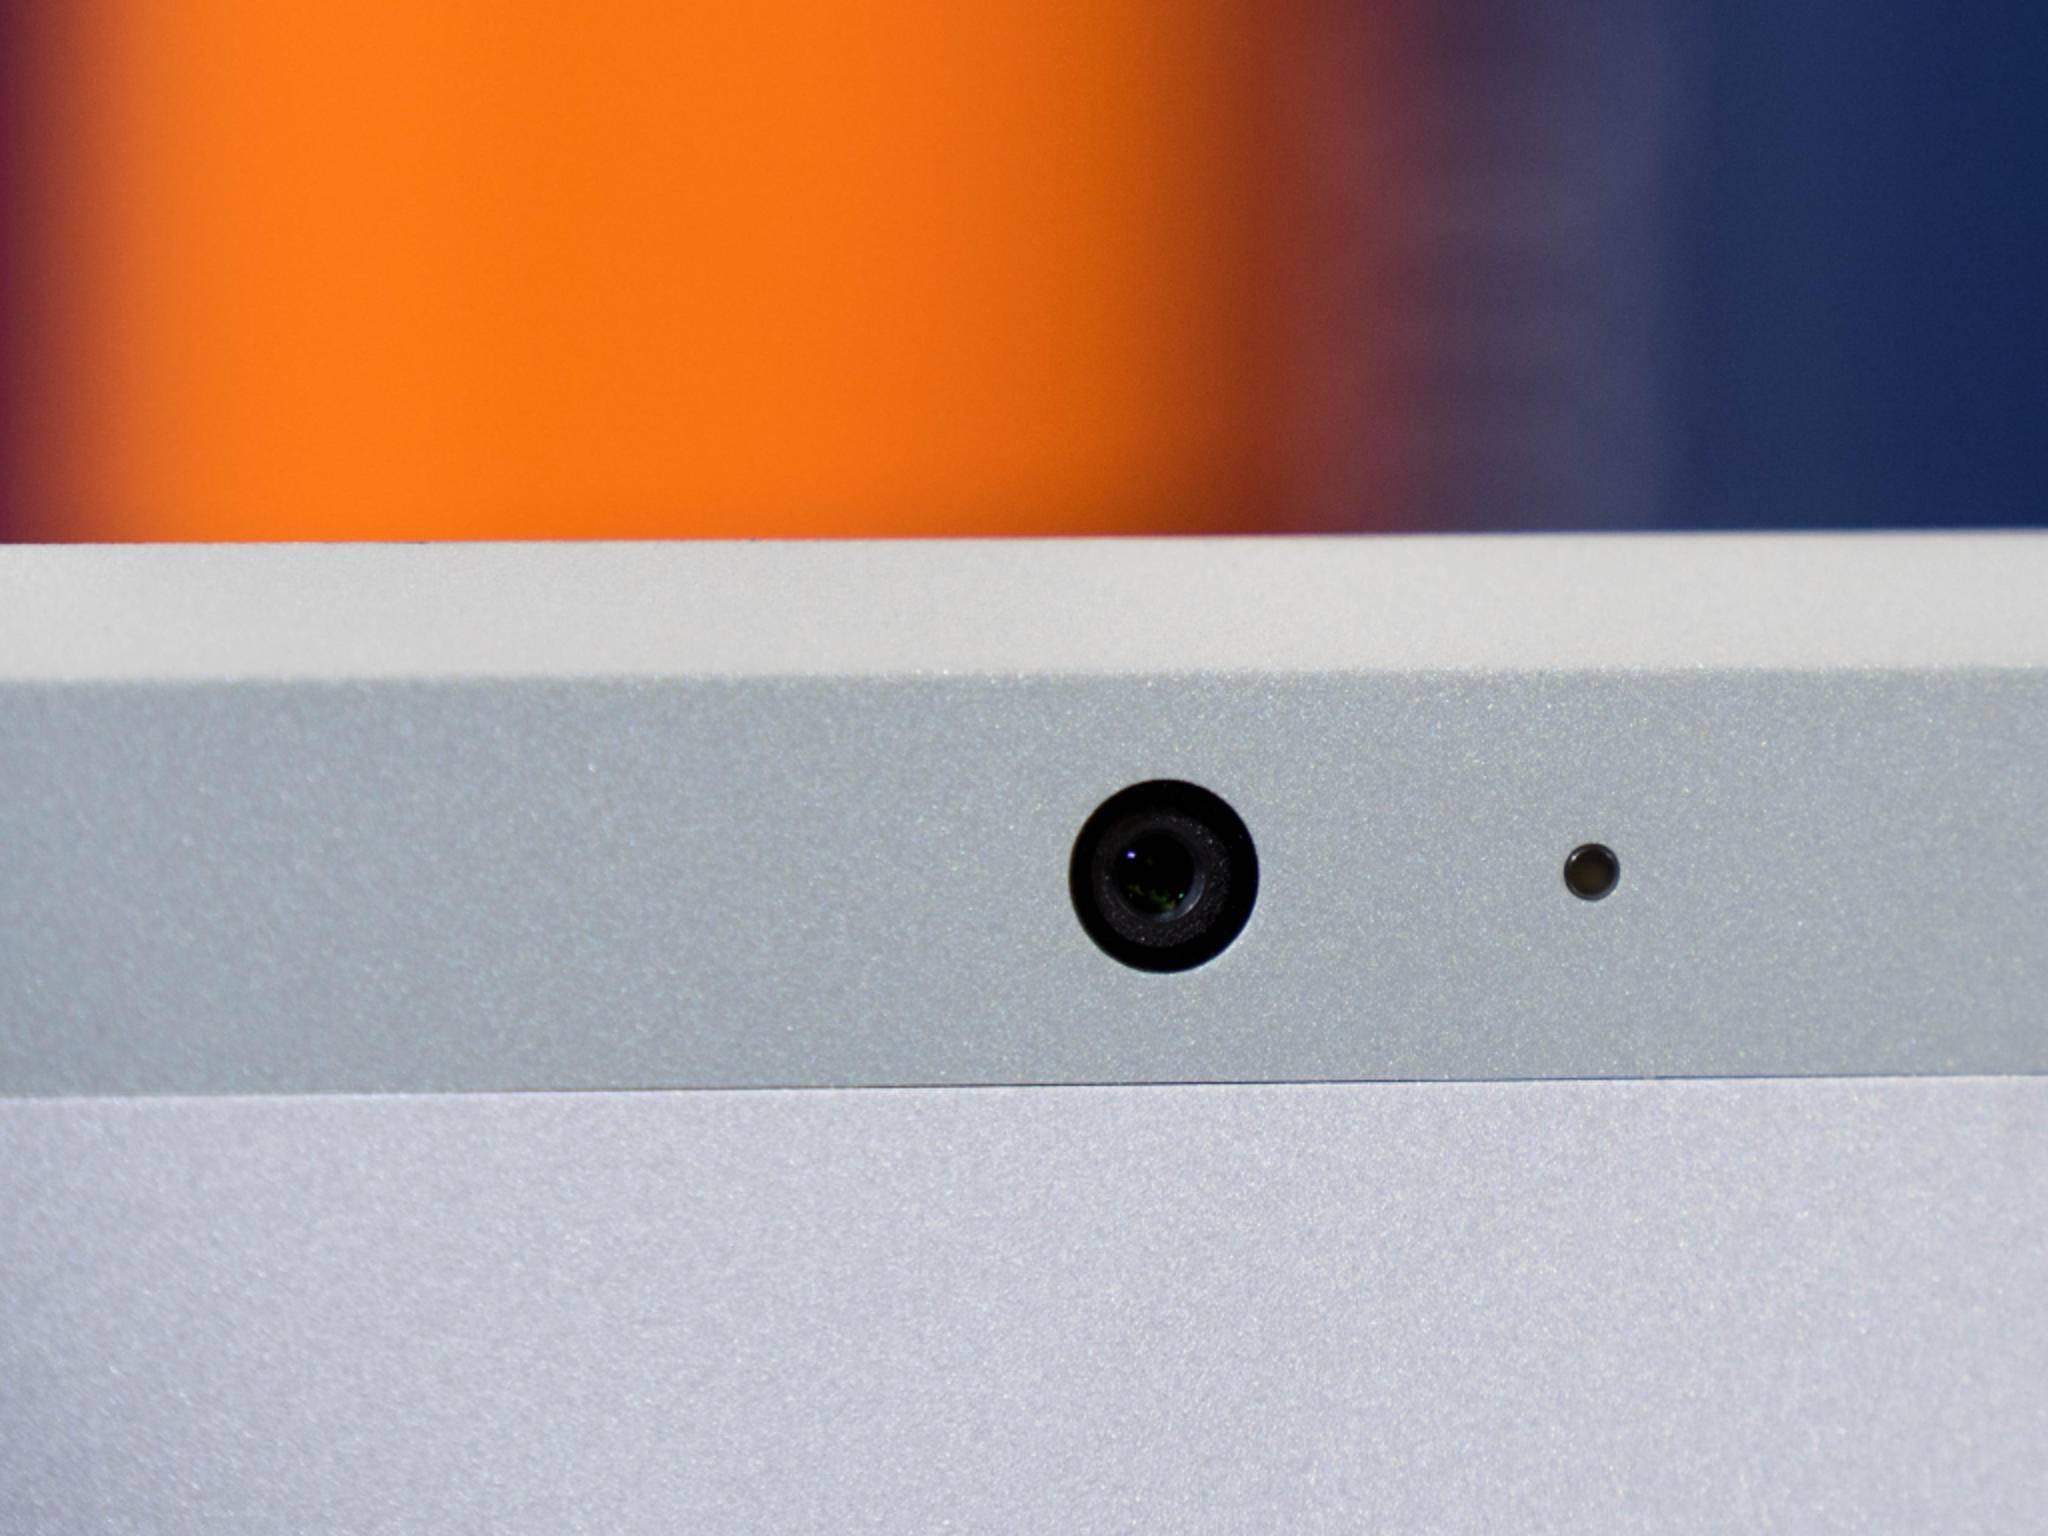 Die Rückkamera des Surface 3 ist nur guter Durchschnitt.